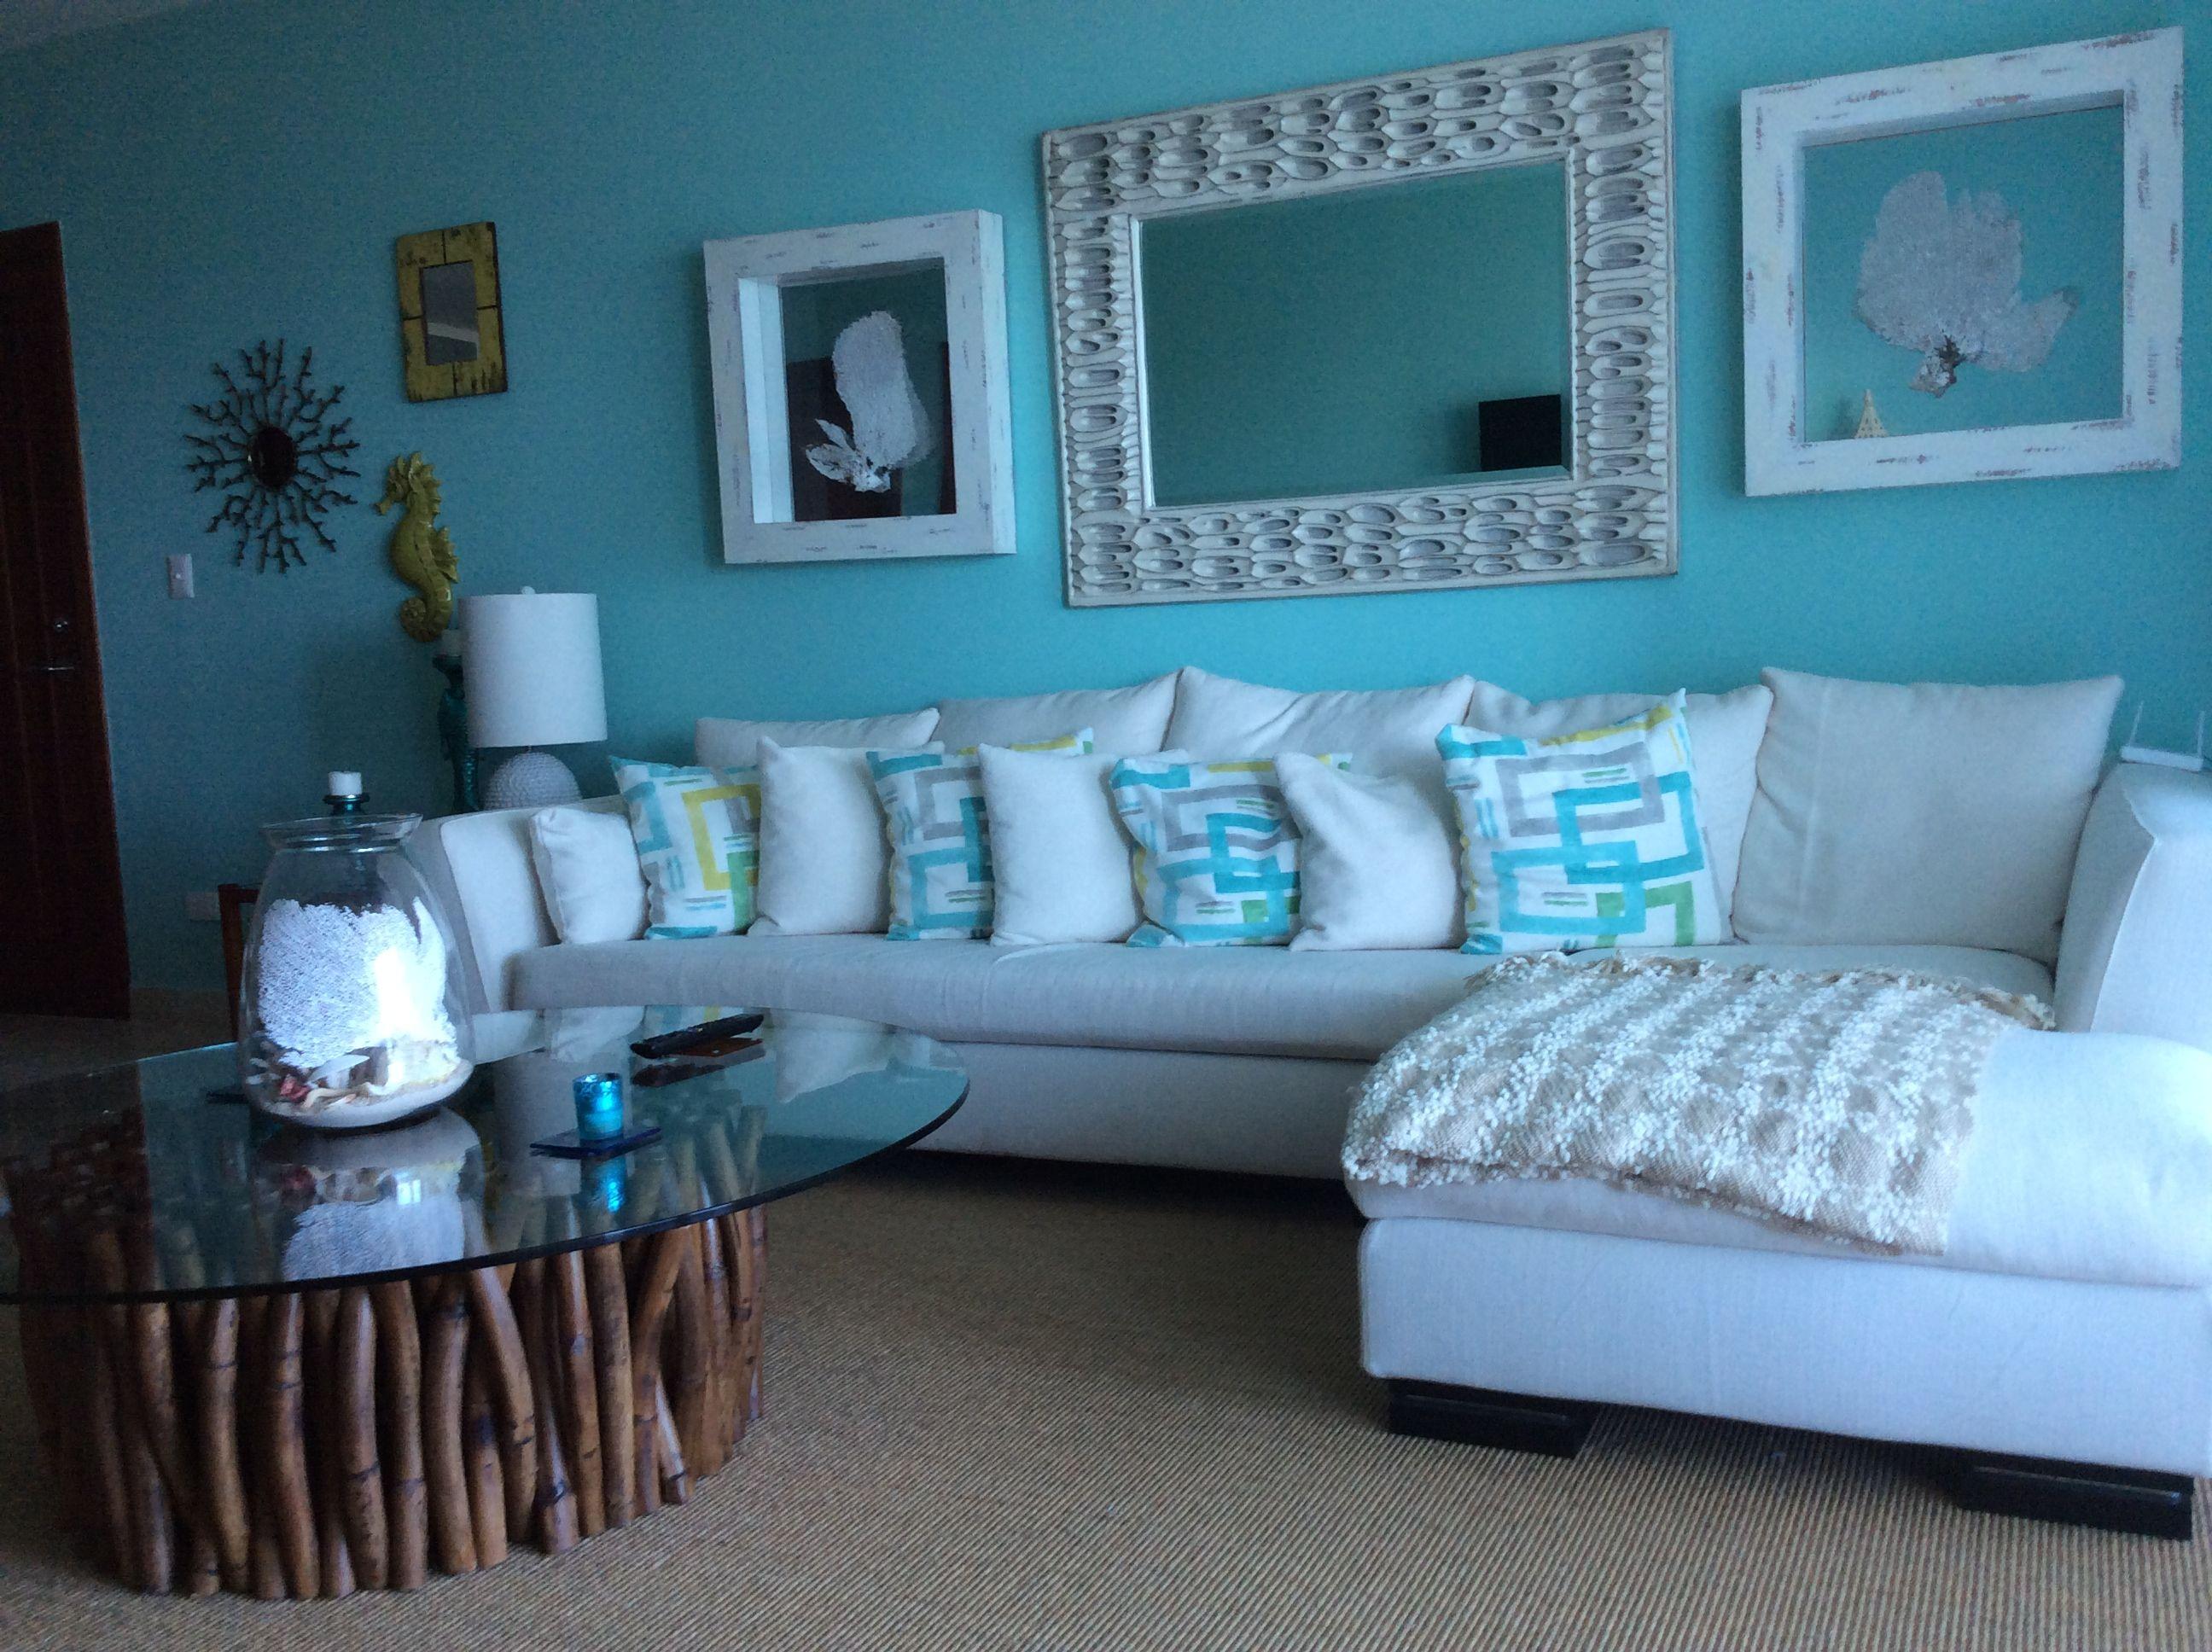 Hermosa decoraci n apartamento cerca de la playa - Decorar apartamento playa ...